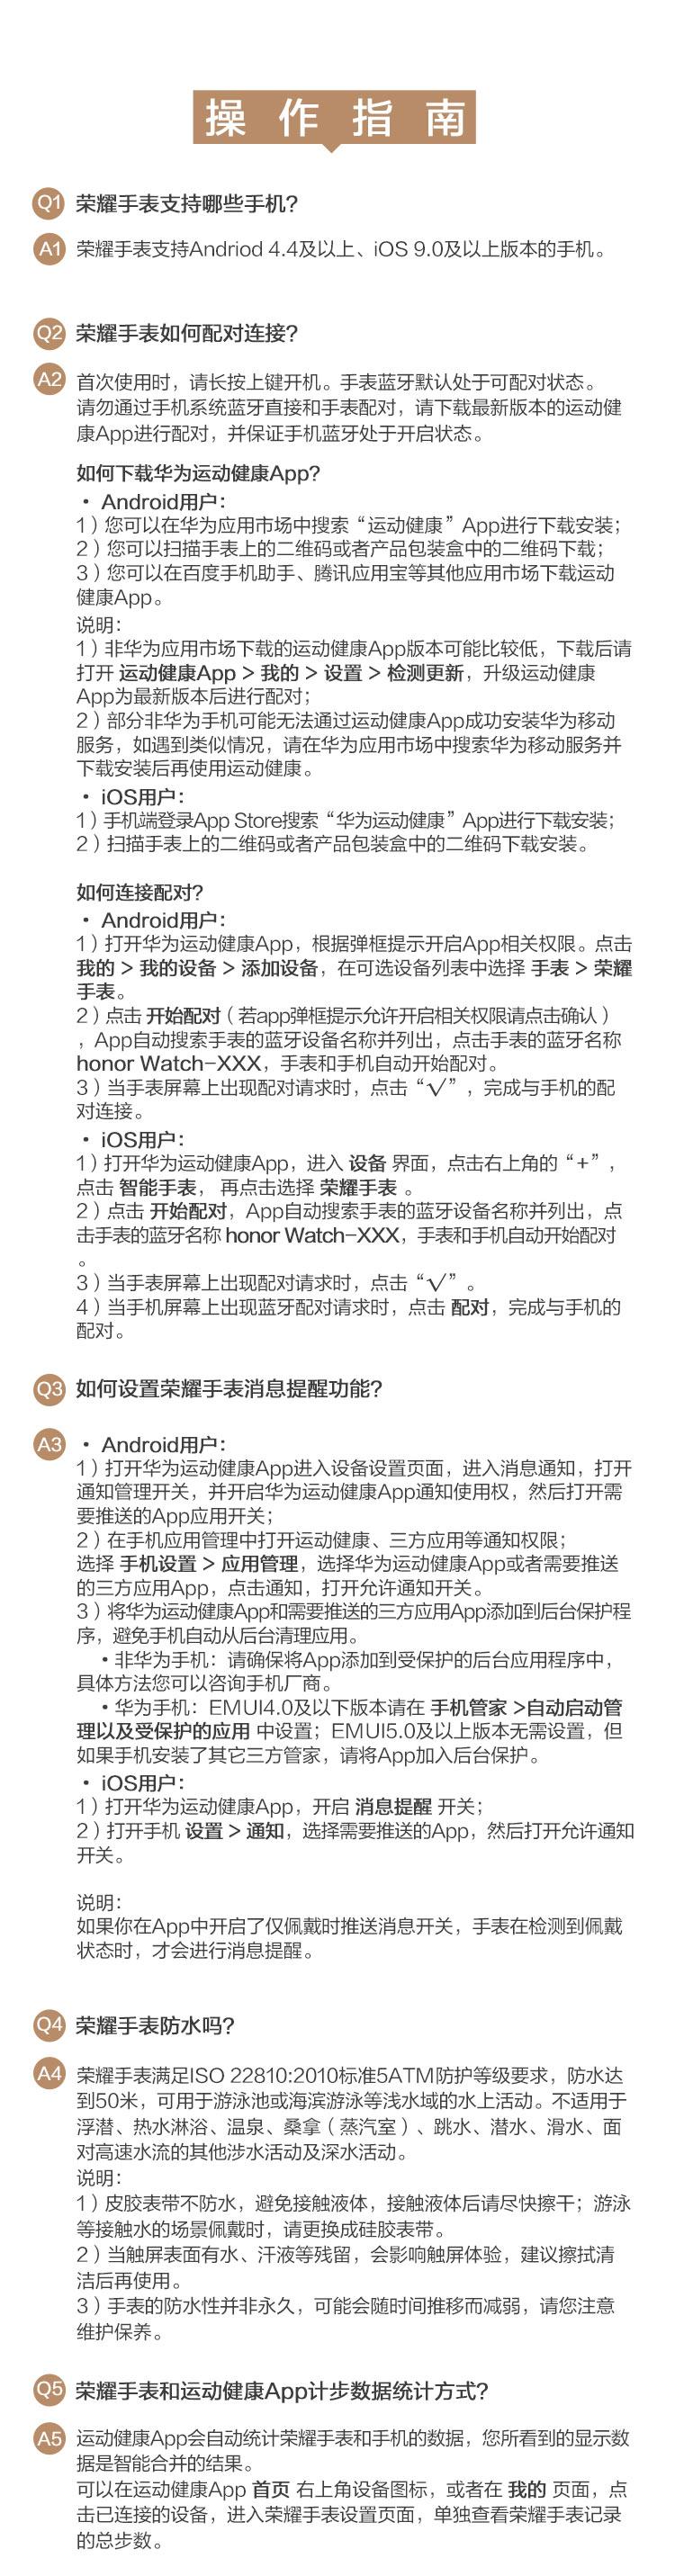 荣耀Talos功能图PC端750_20181101_12.jpg